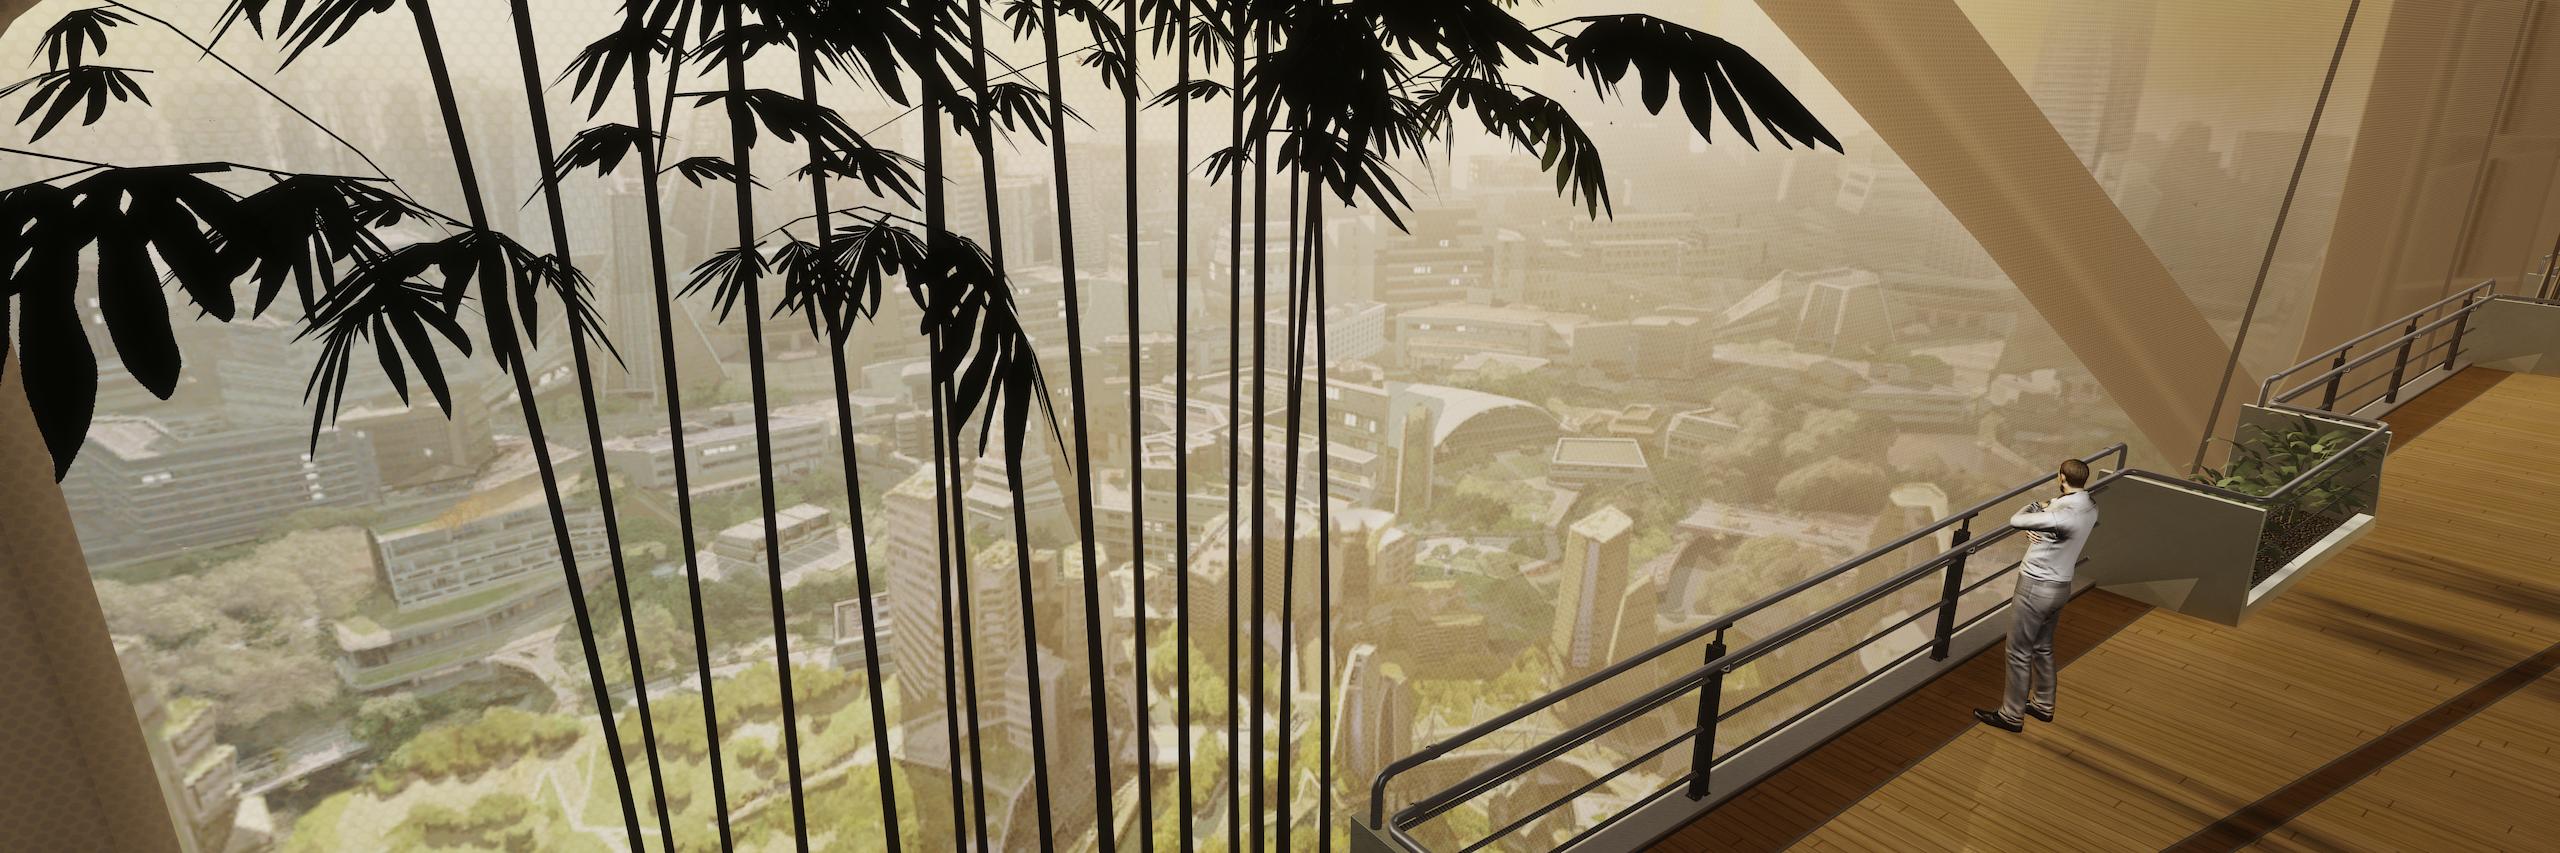 heavenisaplaceonearthalt.png - Deus Ex: Human Revolution